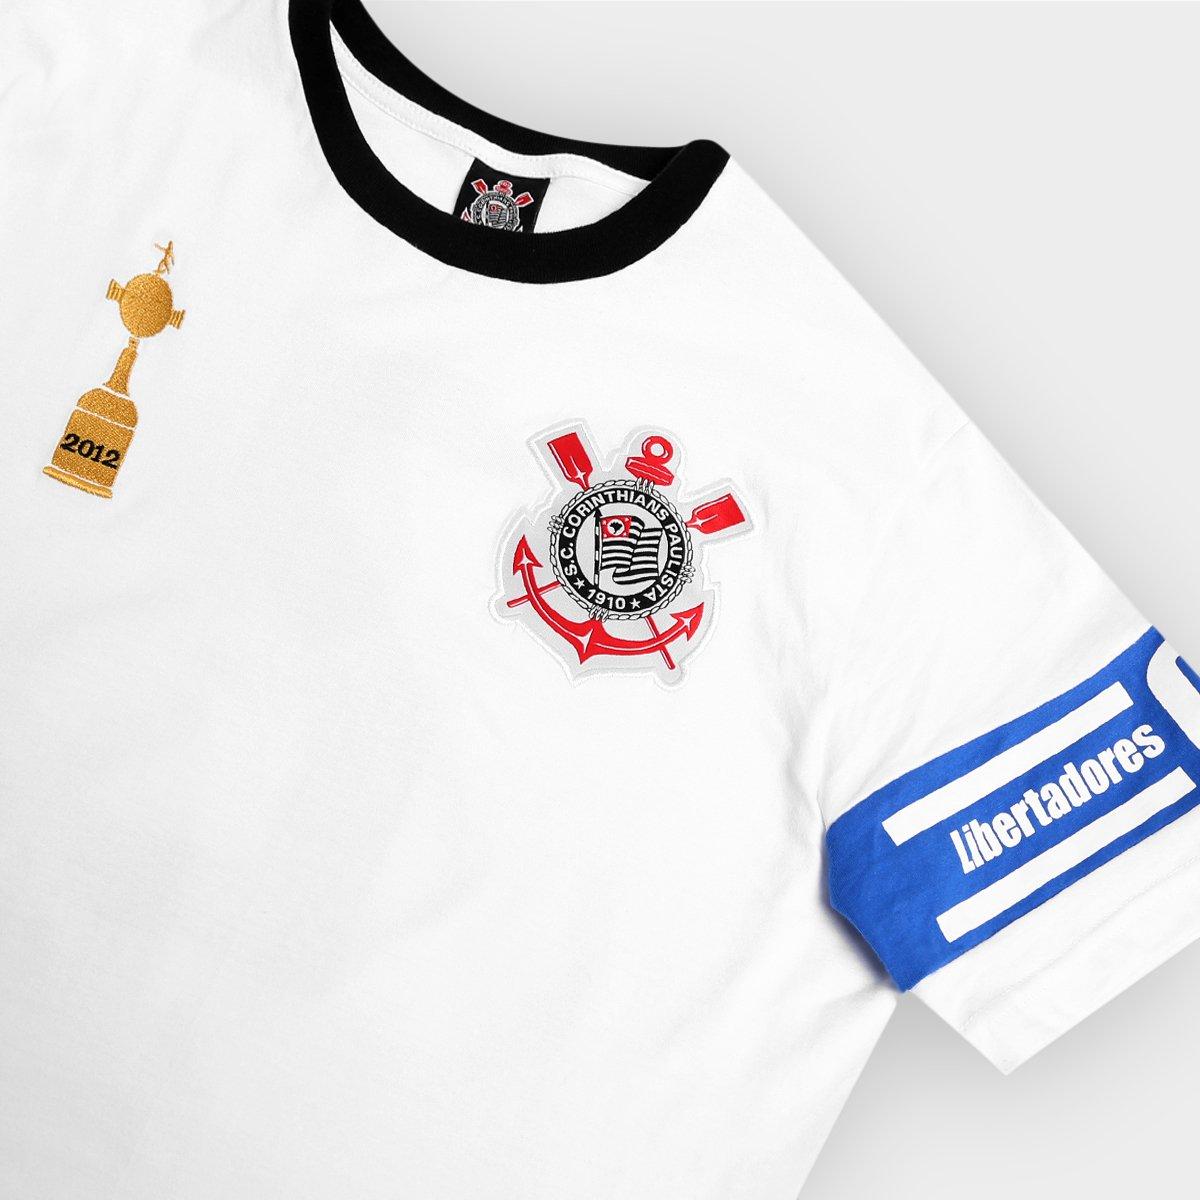 ... Camiseta Corinthians Capitães Libertadores 2012 n° 2 Masculina ... 709a94ada8501